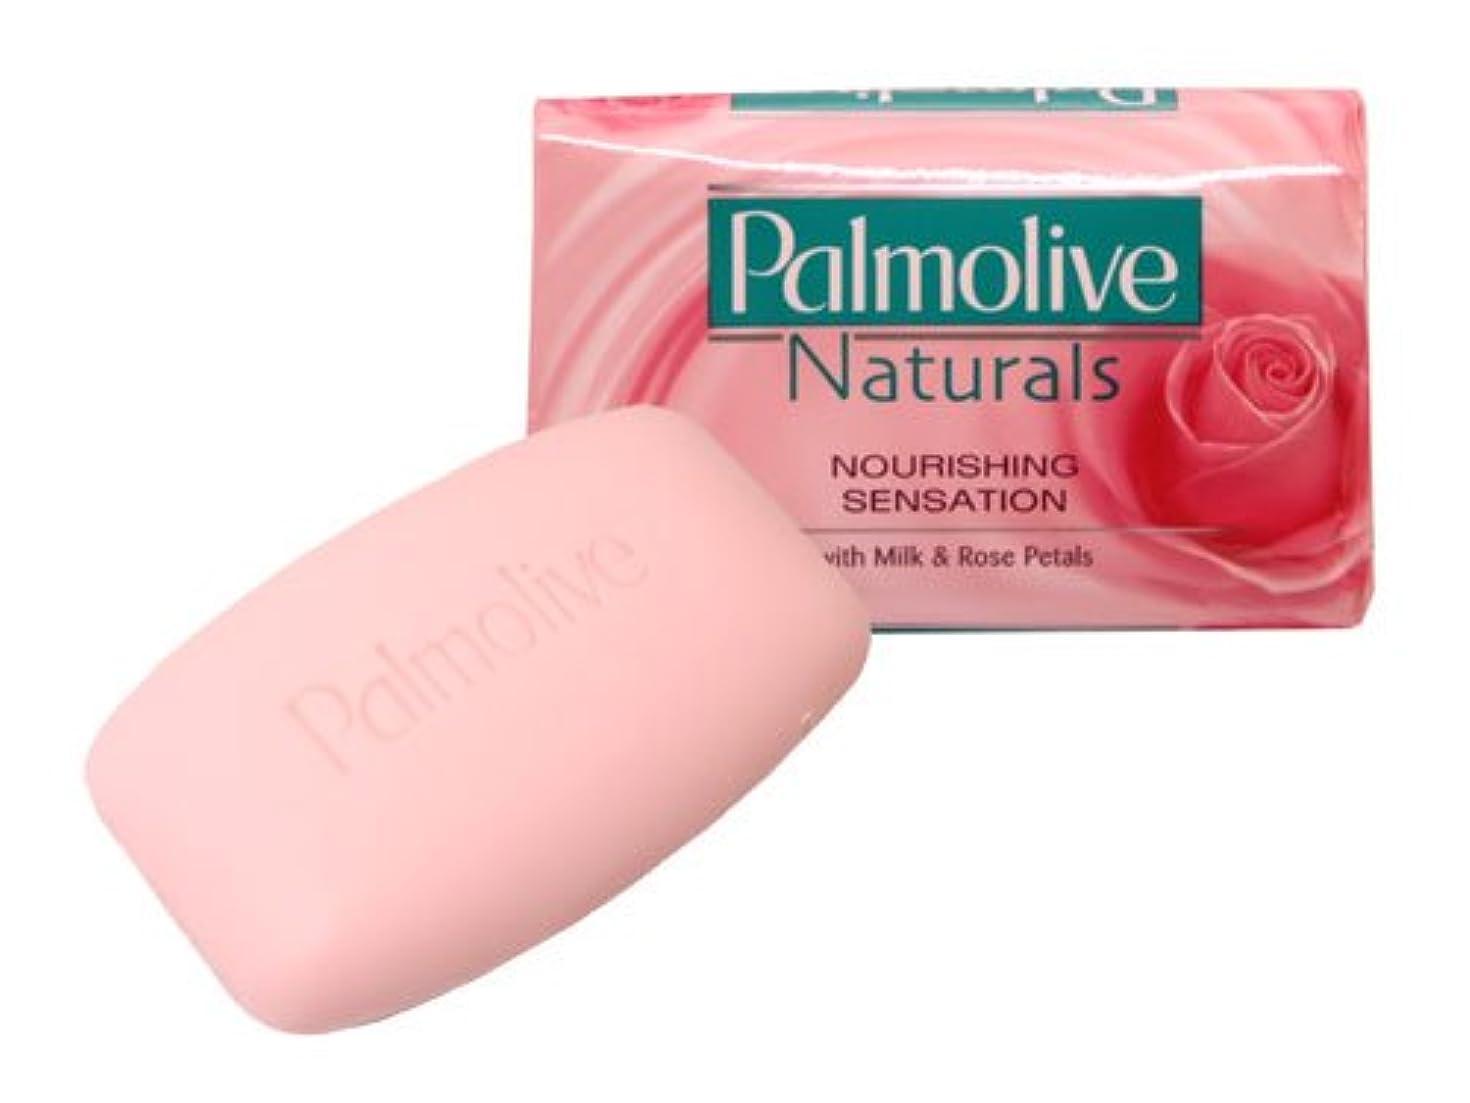 シンプルな逸話差別【Palmolive】パルモリーブ ナチュラルズ石鹸3個パック(ミルク&ローズ)